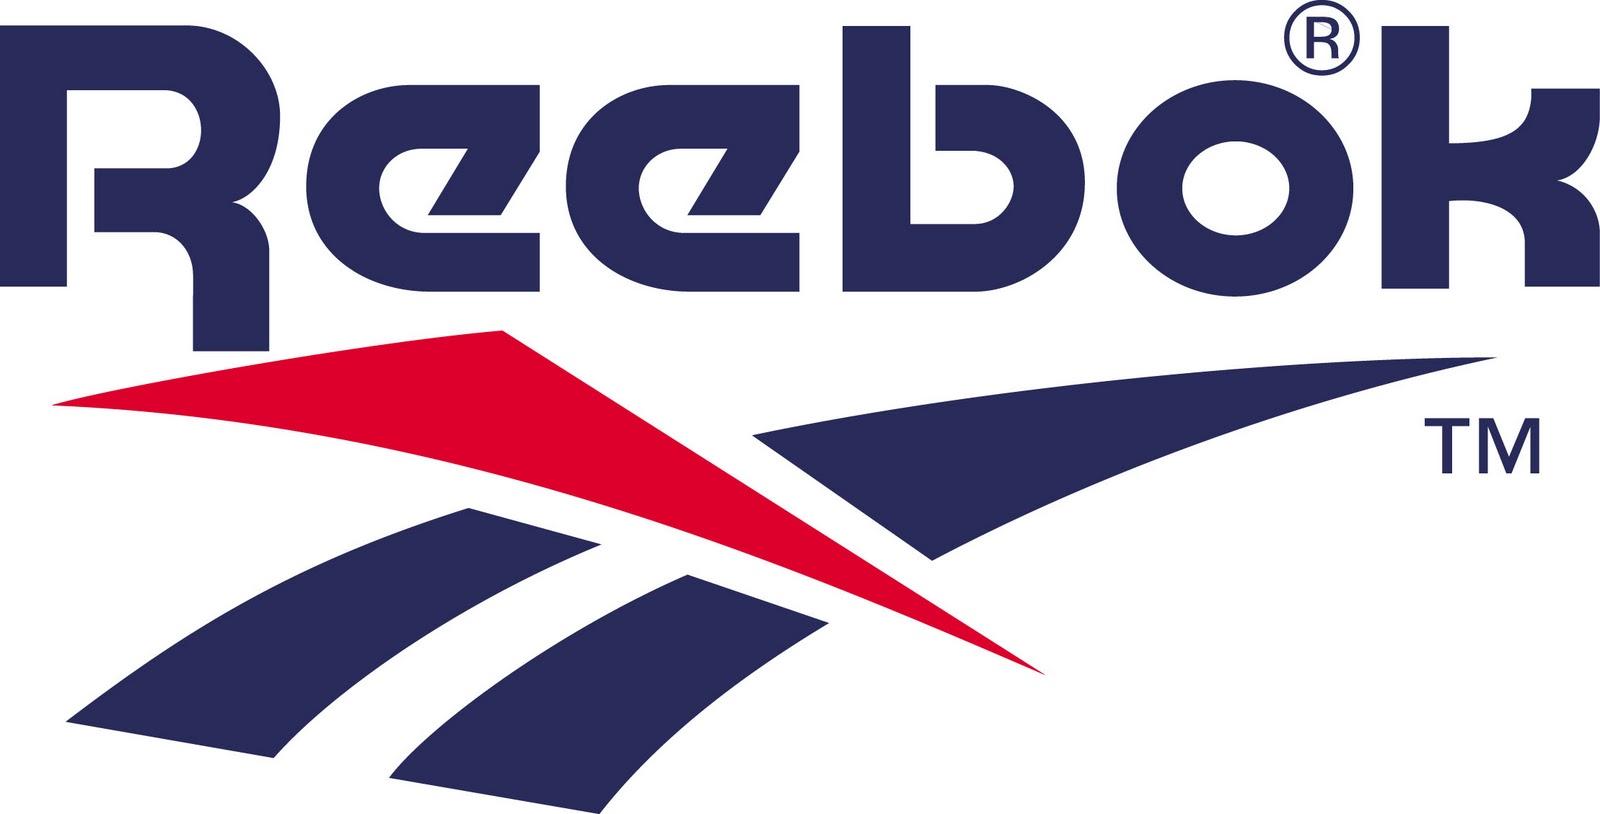 hd reebok logo images